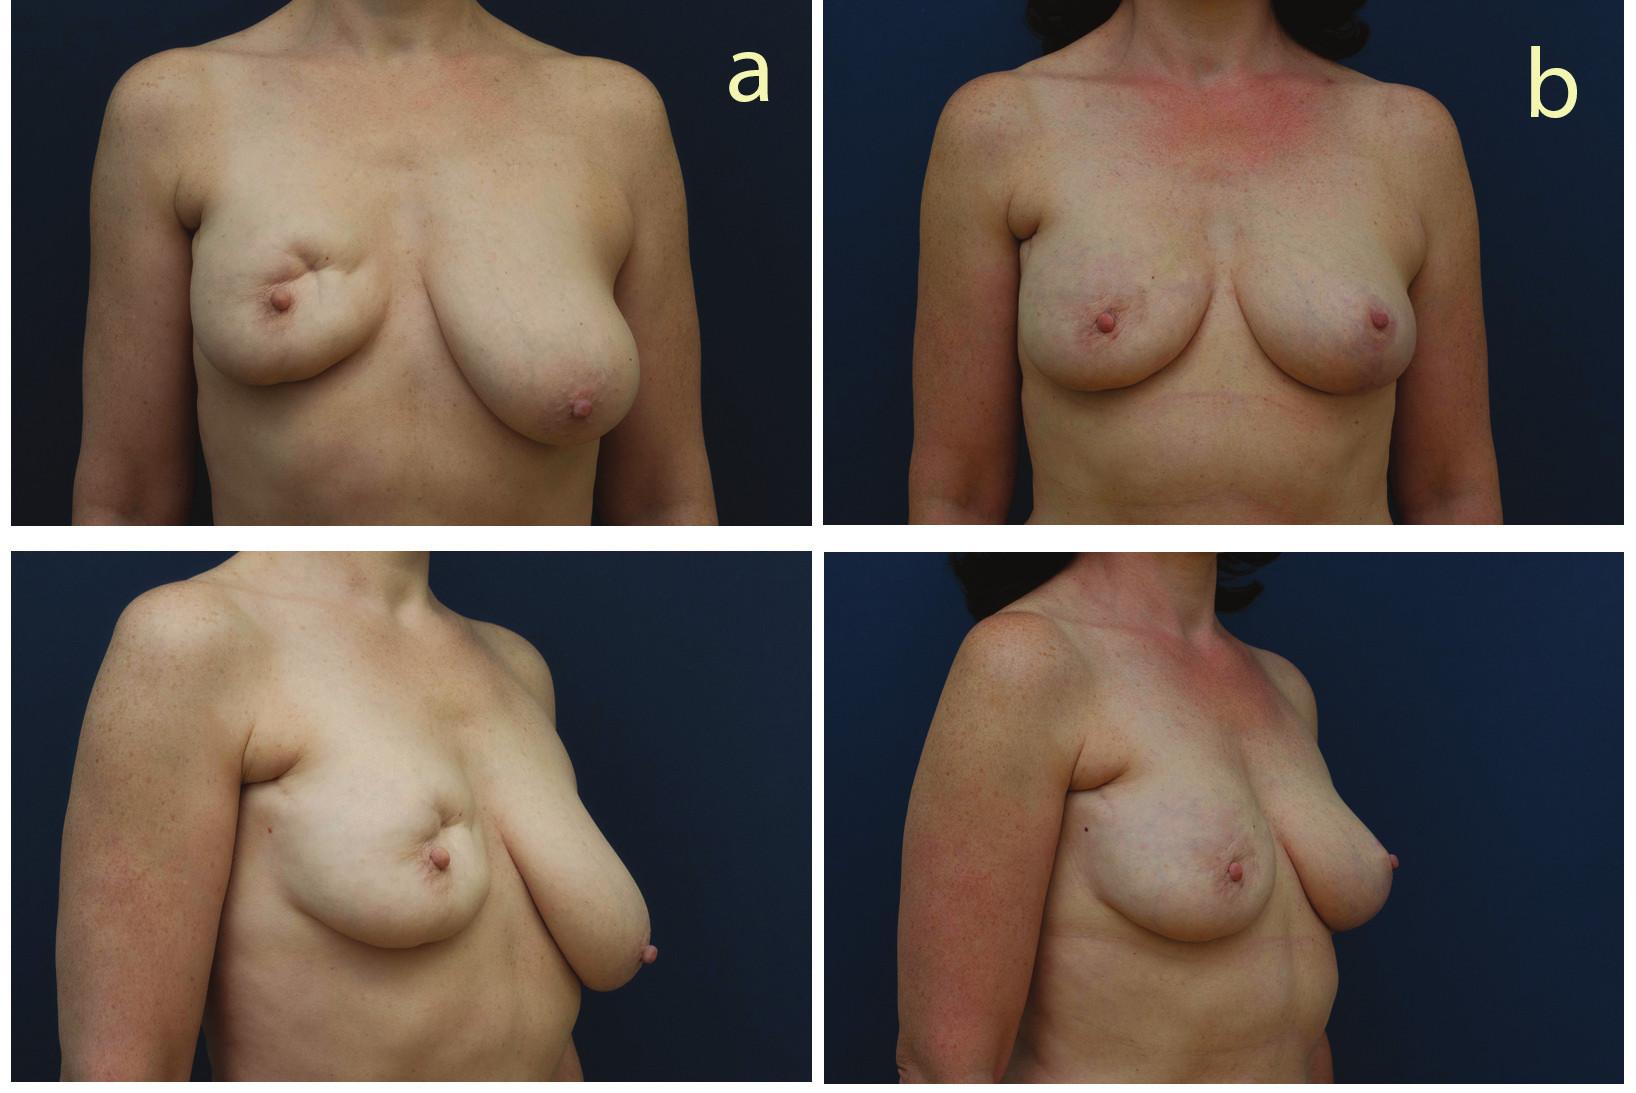 Pacientka po parciální mastektomii vpravo před operací a 6 měsíce po operaci (fatgrafting pravého prsu a modelace levého prsu) Fig. 2: Patient after partial mastectomy (left) and six months after right breast fat grafting and left breast mastopexy (right)